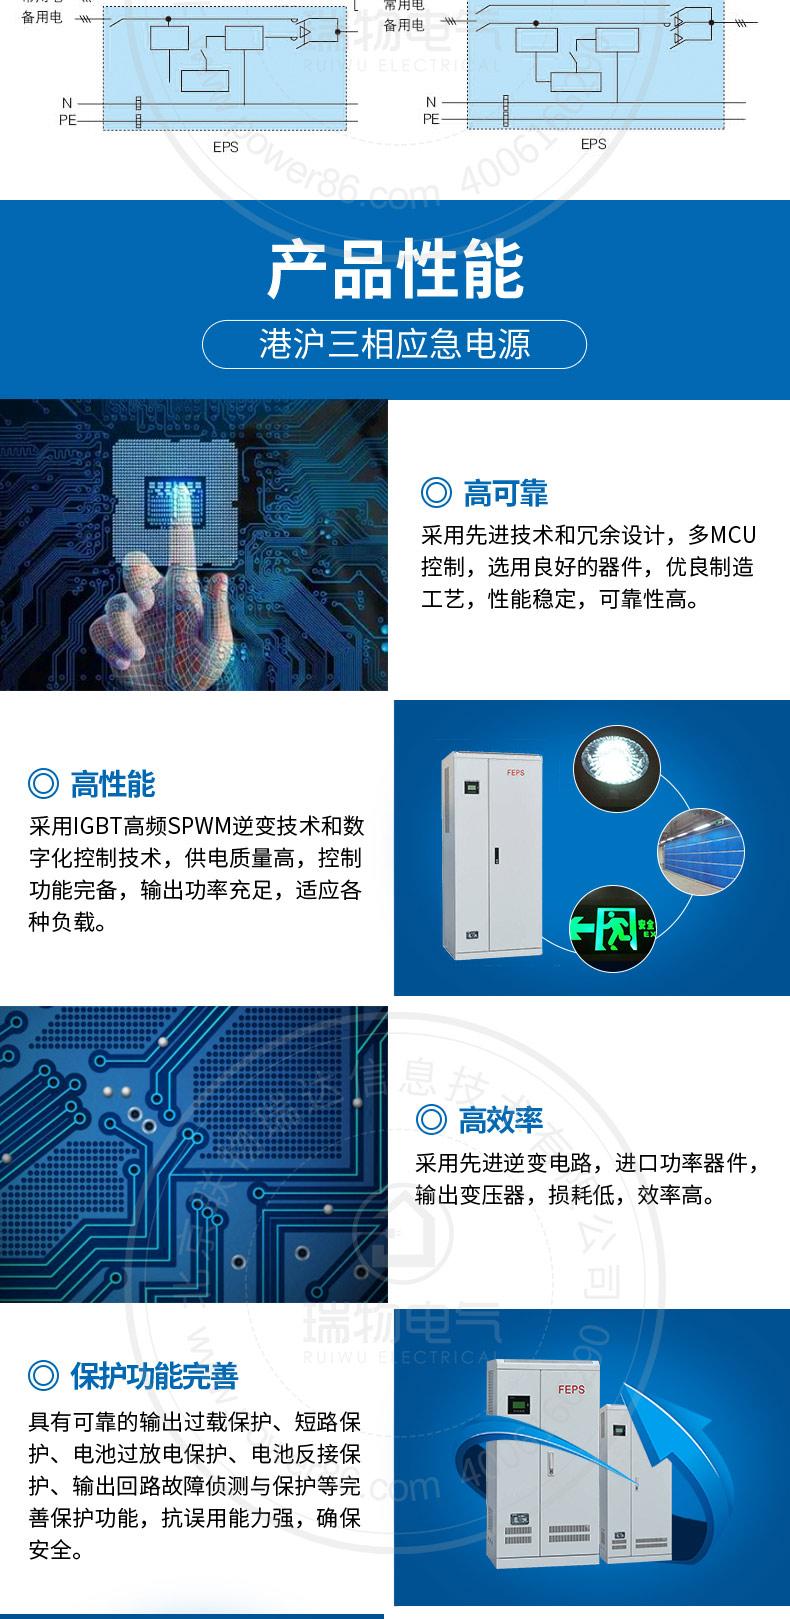 产品介绍http://www.power86.com/rs1/eps/2567/2569/130/130_c4.jpg